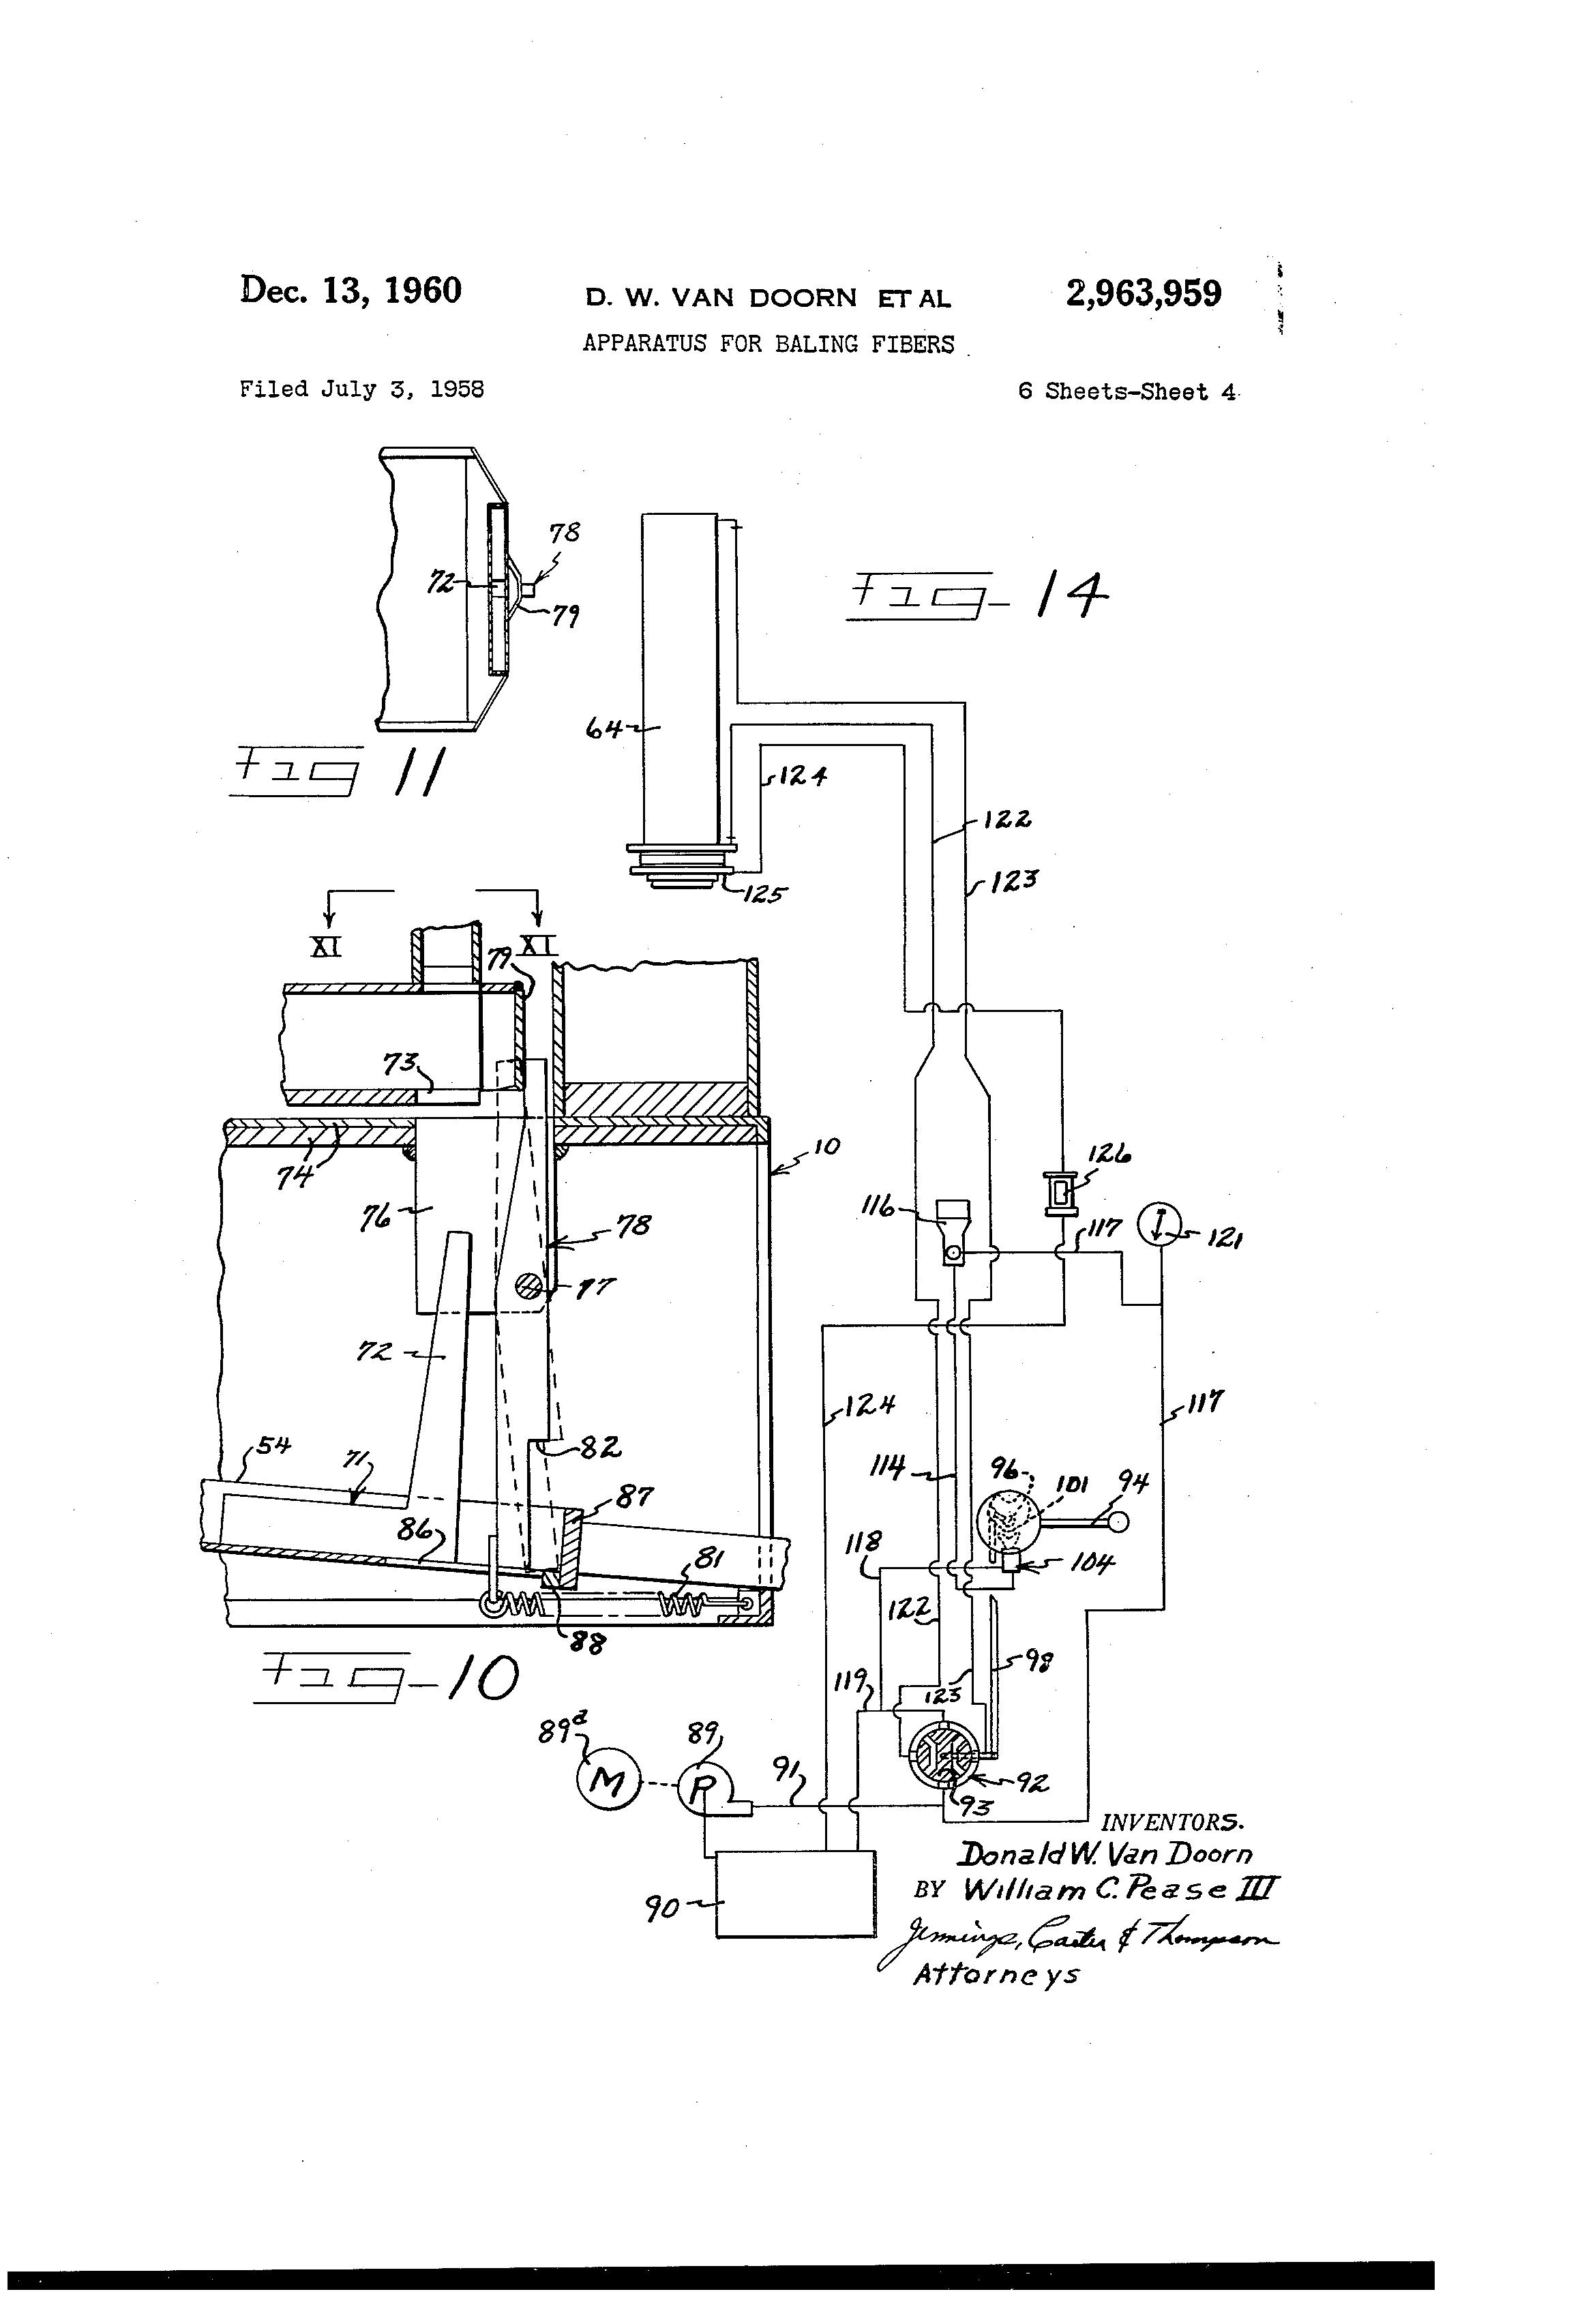 Patent Us2963959 Apparatus For Baling Fibers Google Patents Van Dorn Wiring Diagram Drawing